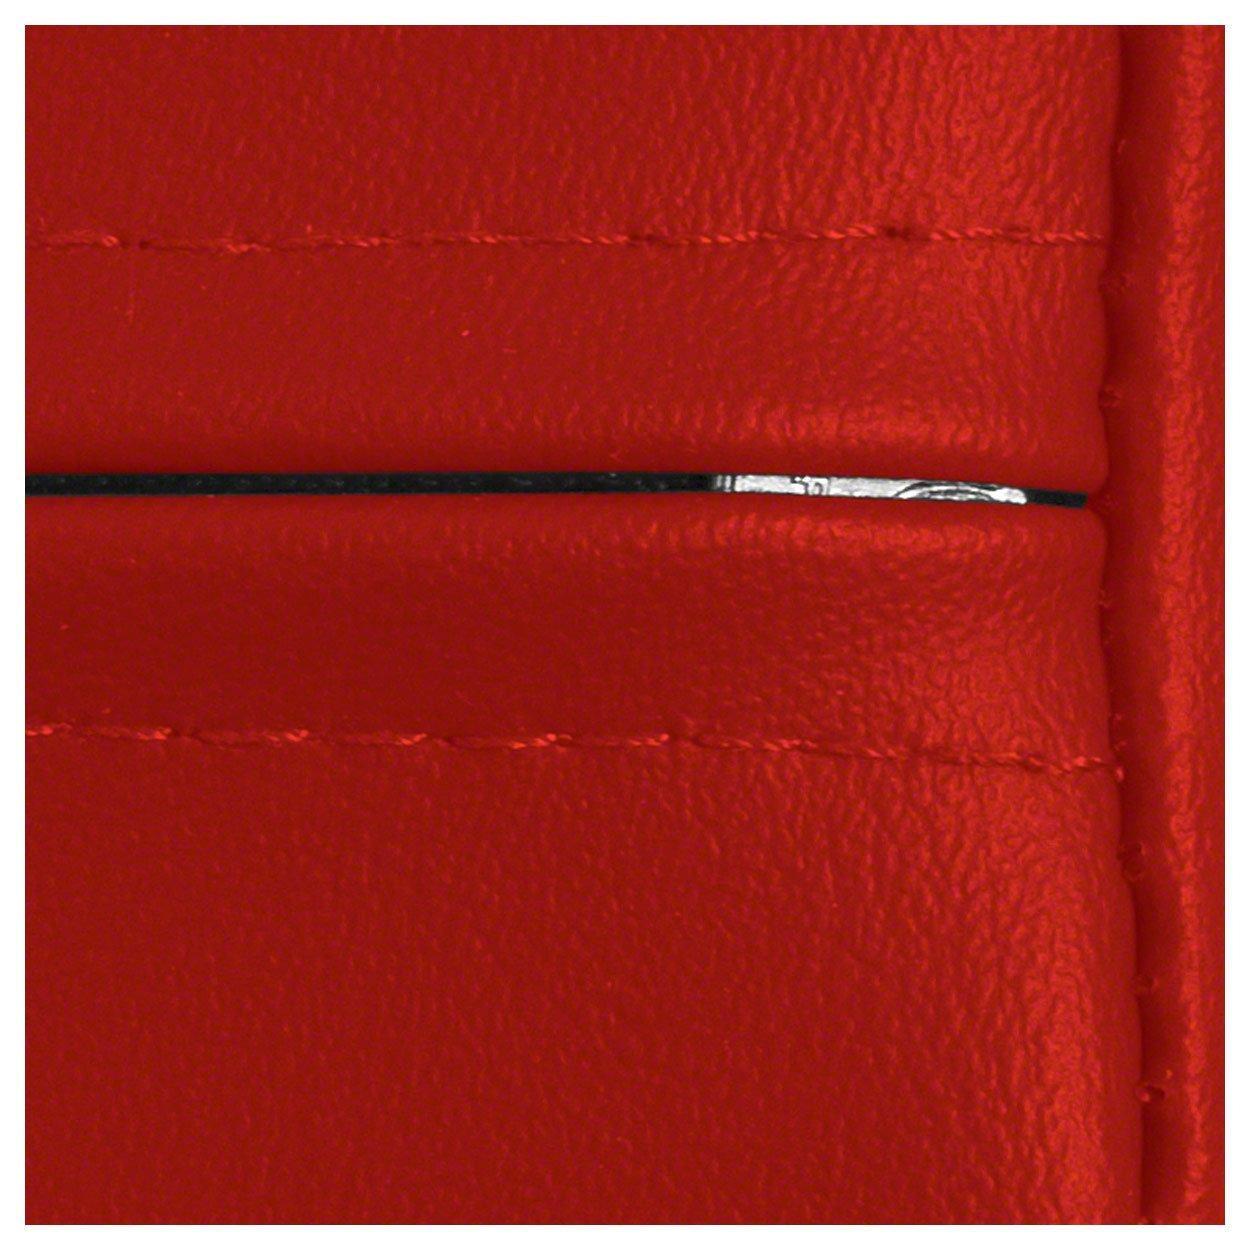 Halbrolle Lagerungsrolle Lagerungskissen mit Kunstlederbezug 50x15x7,5 cm